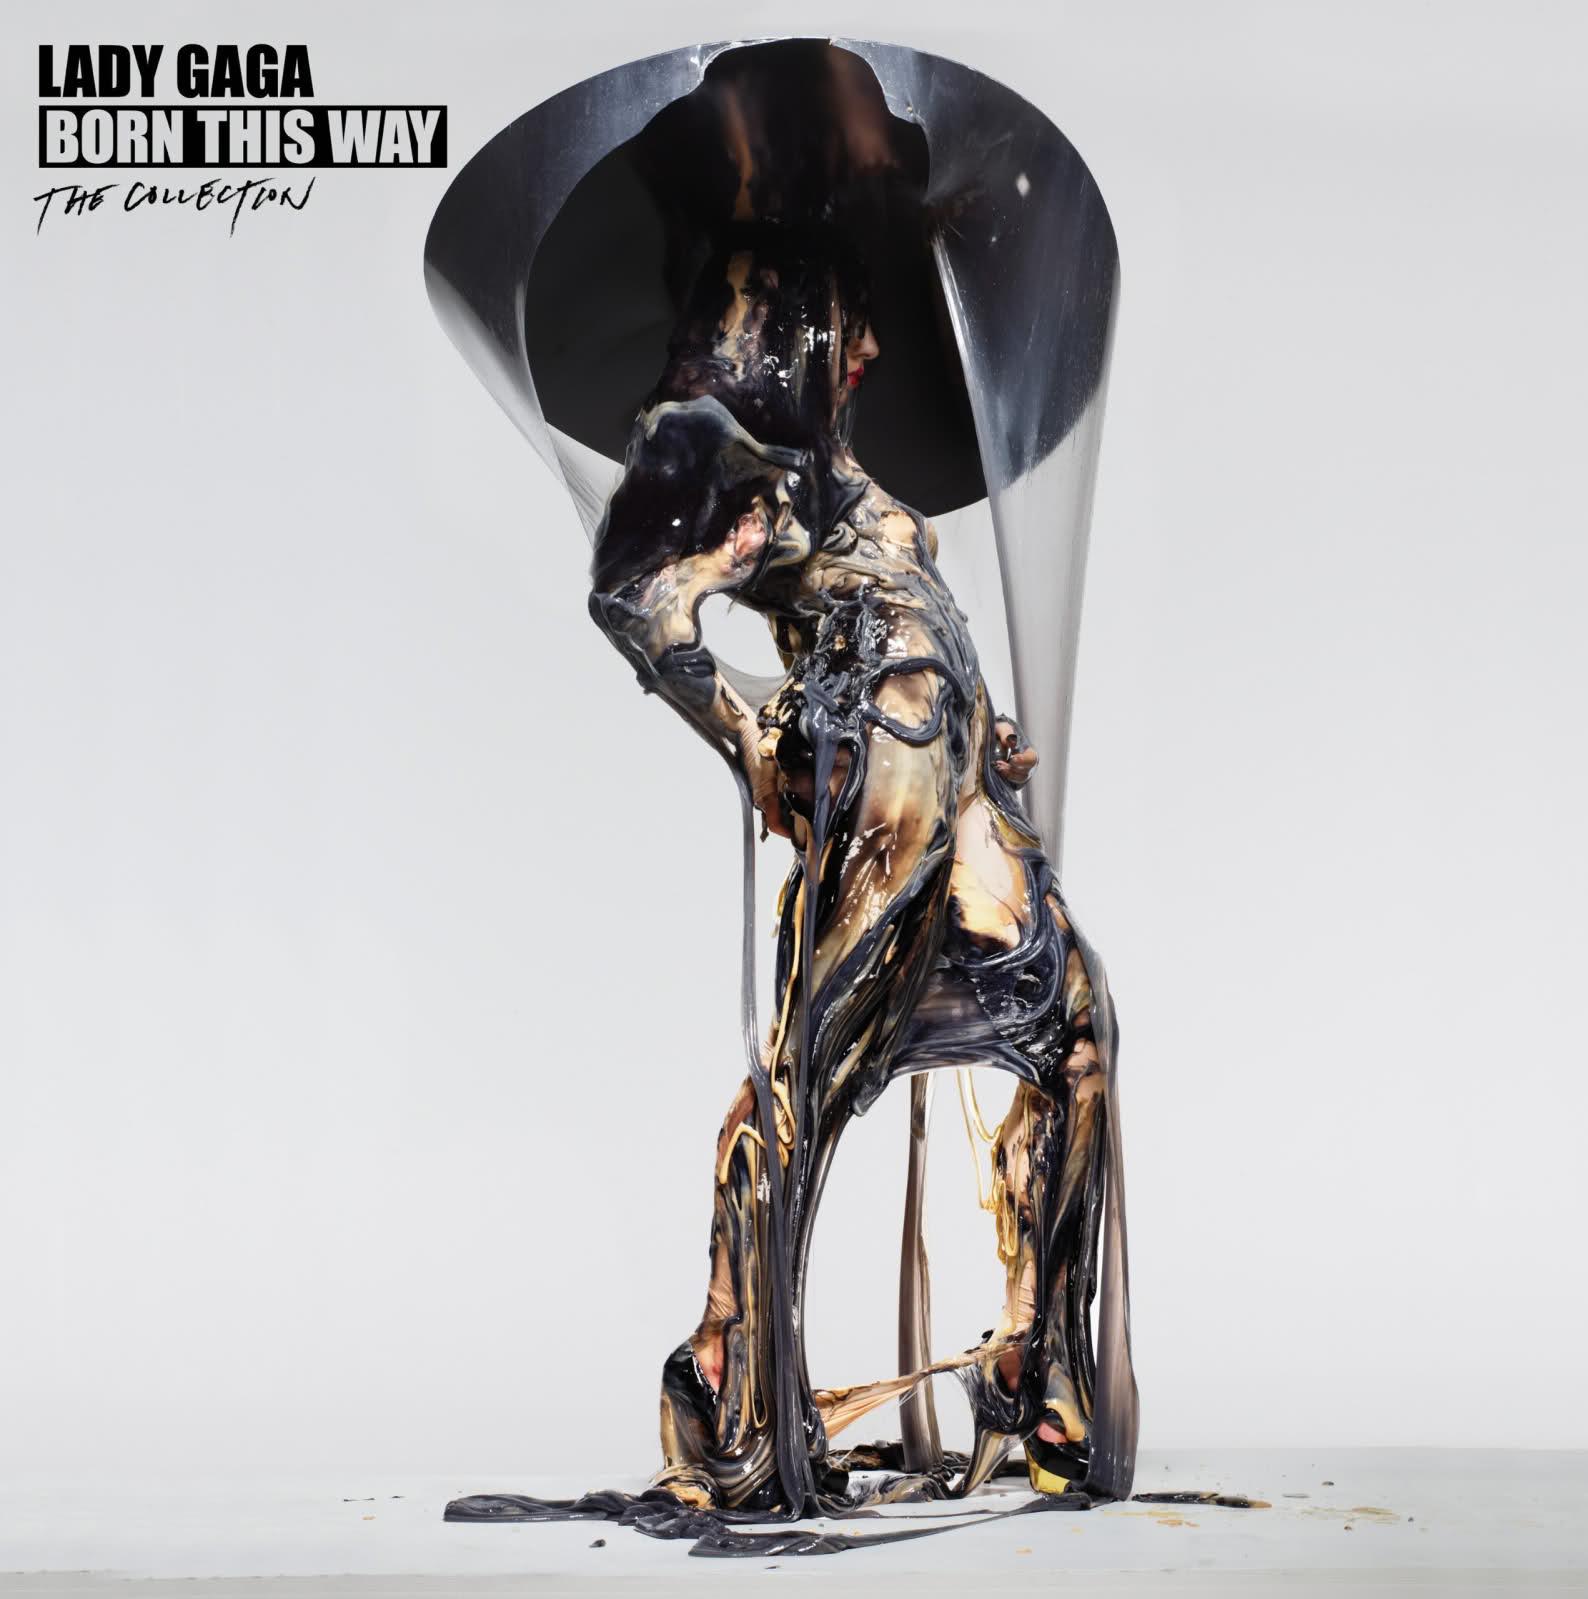 http://1.bp.blogspot.com/-dsYA7t-SGsE/TqVf0qd3EcI/AAAAAAAAA_o/VfXI1gRIA-I/s1600/Lady+Gaga+-+Born+This+Way+The+Collection.png